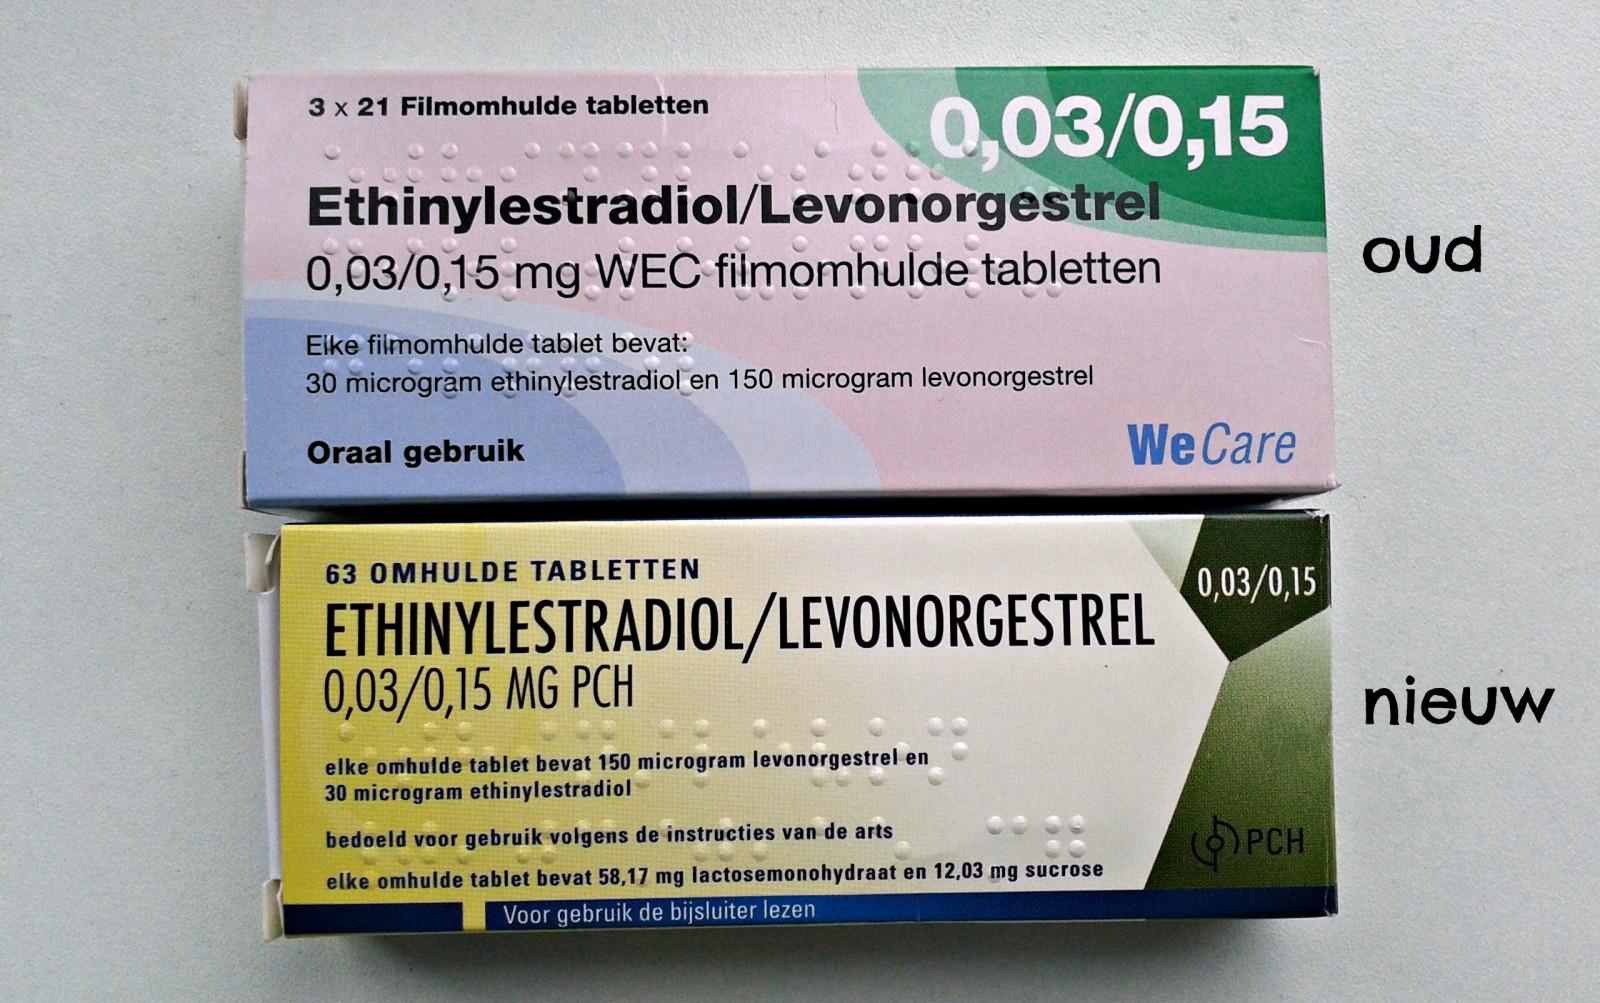 Chị em nên uống ethinyl estradiol kết hợp với thuốc tránh thai khẩn cấp theo từng trường hợp